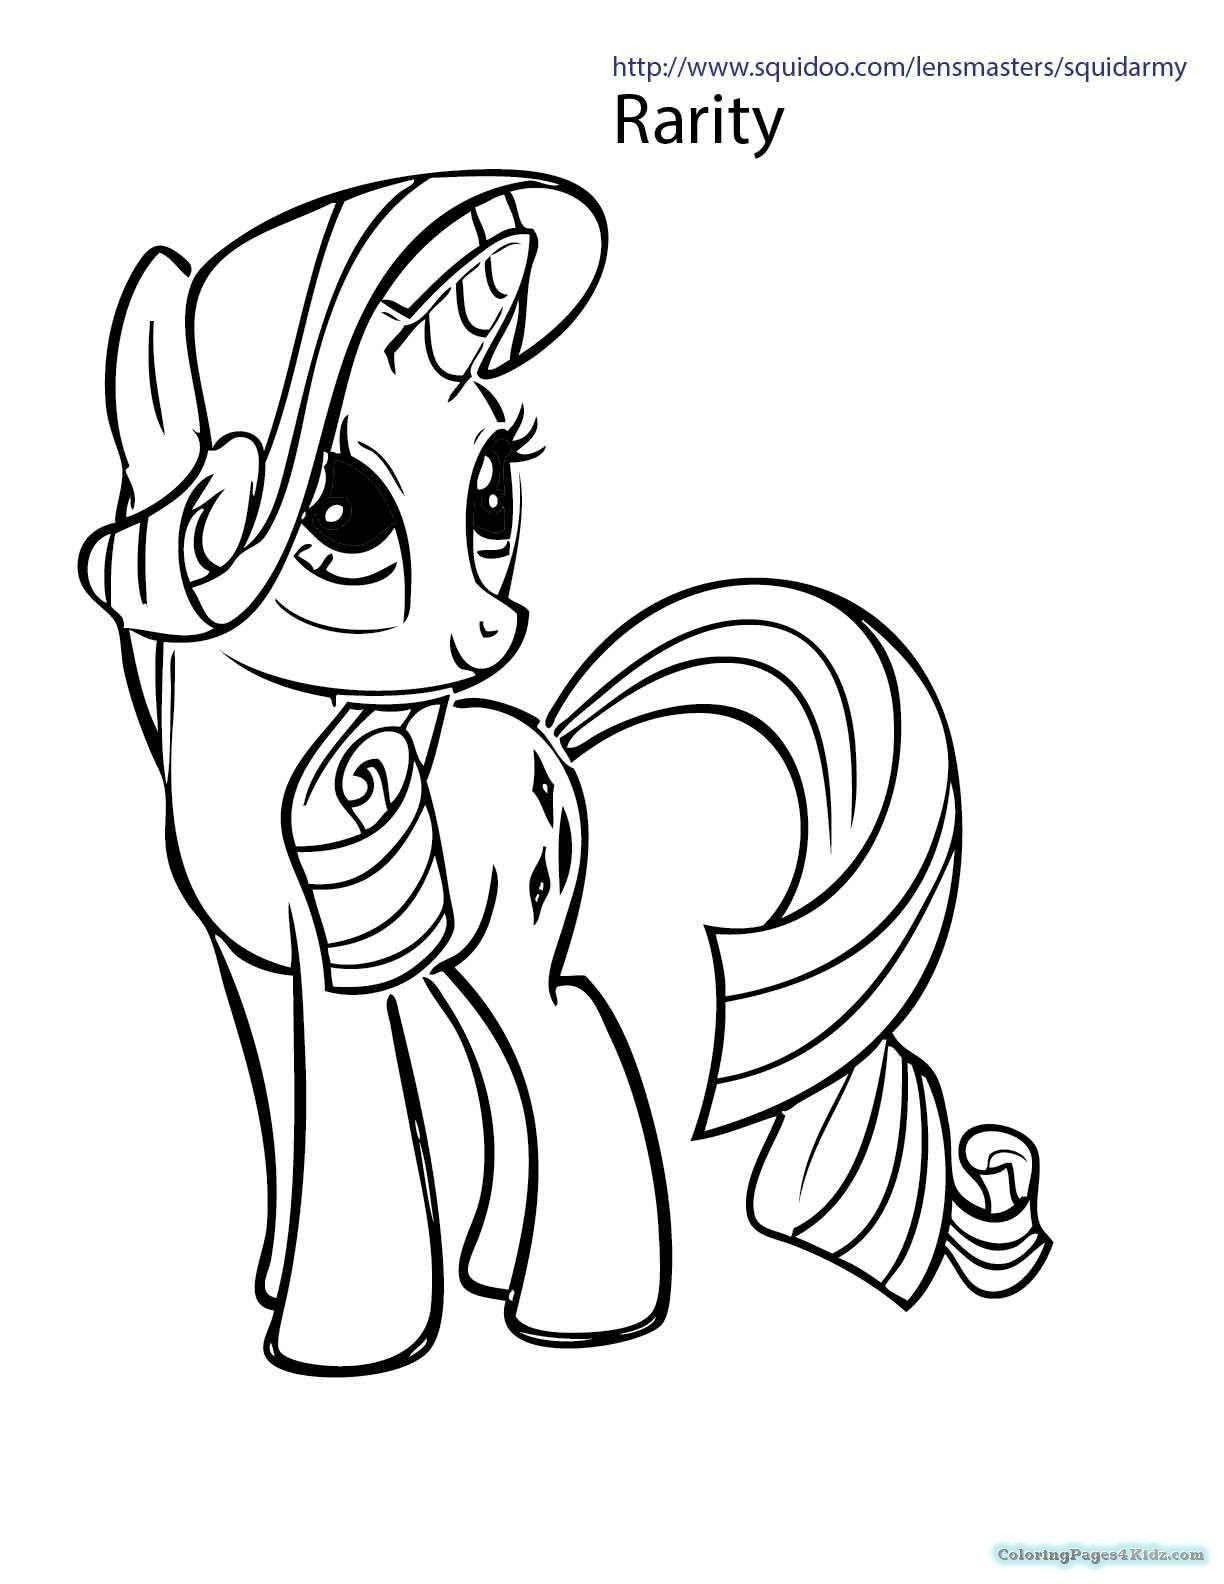 Einzigartig Malvorlagen My Little Pony My Little Pony Coloring My Little Pony Characters Coloring Books